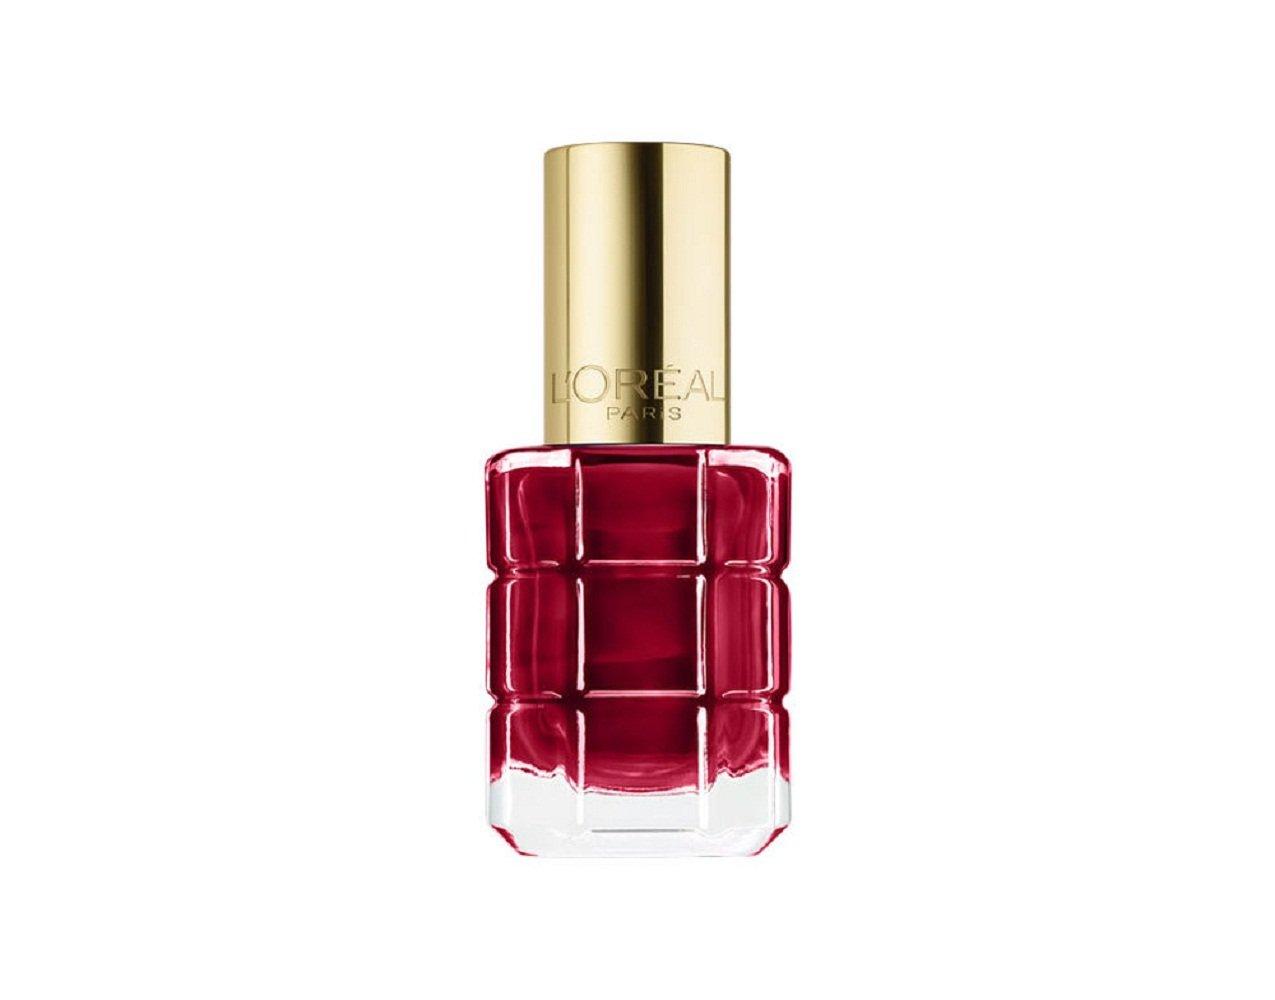 Smalto a olio Color Riche, colore: Rosso selvaggio (550) L' Oreal Paris